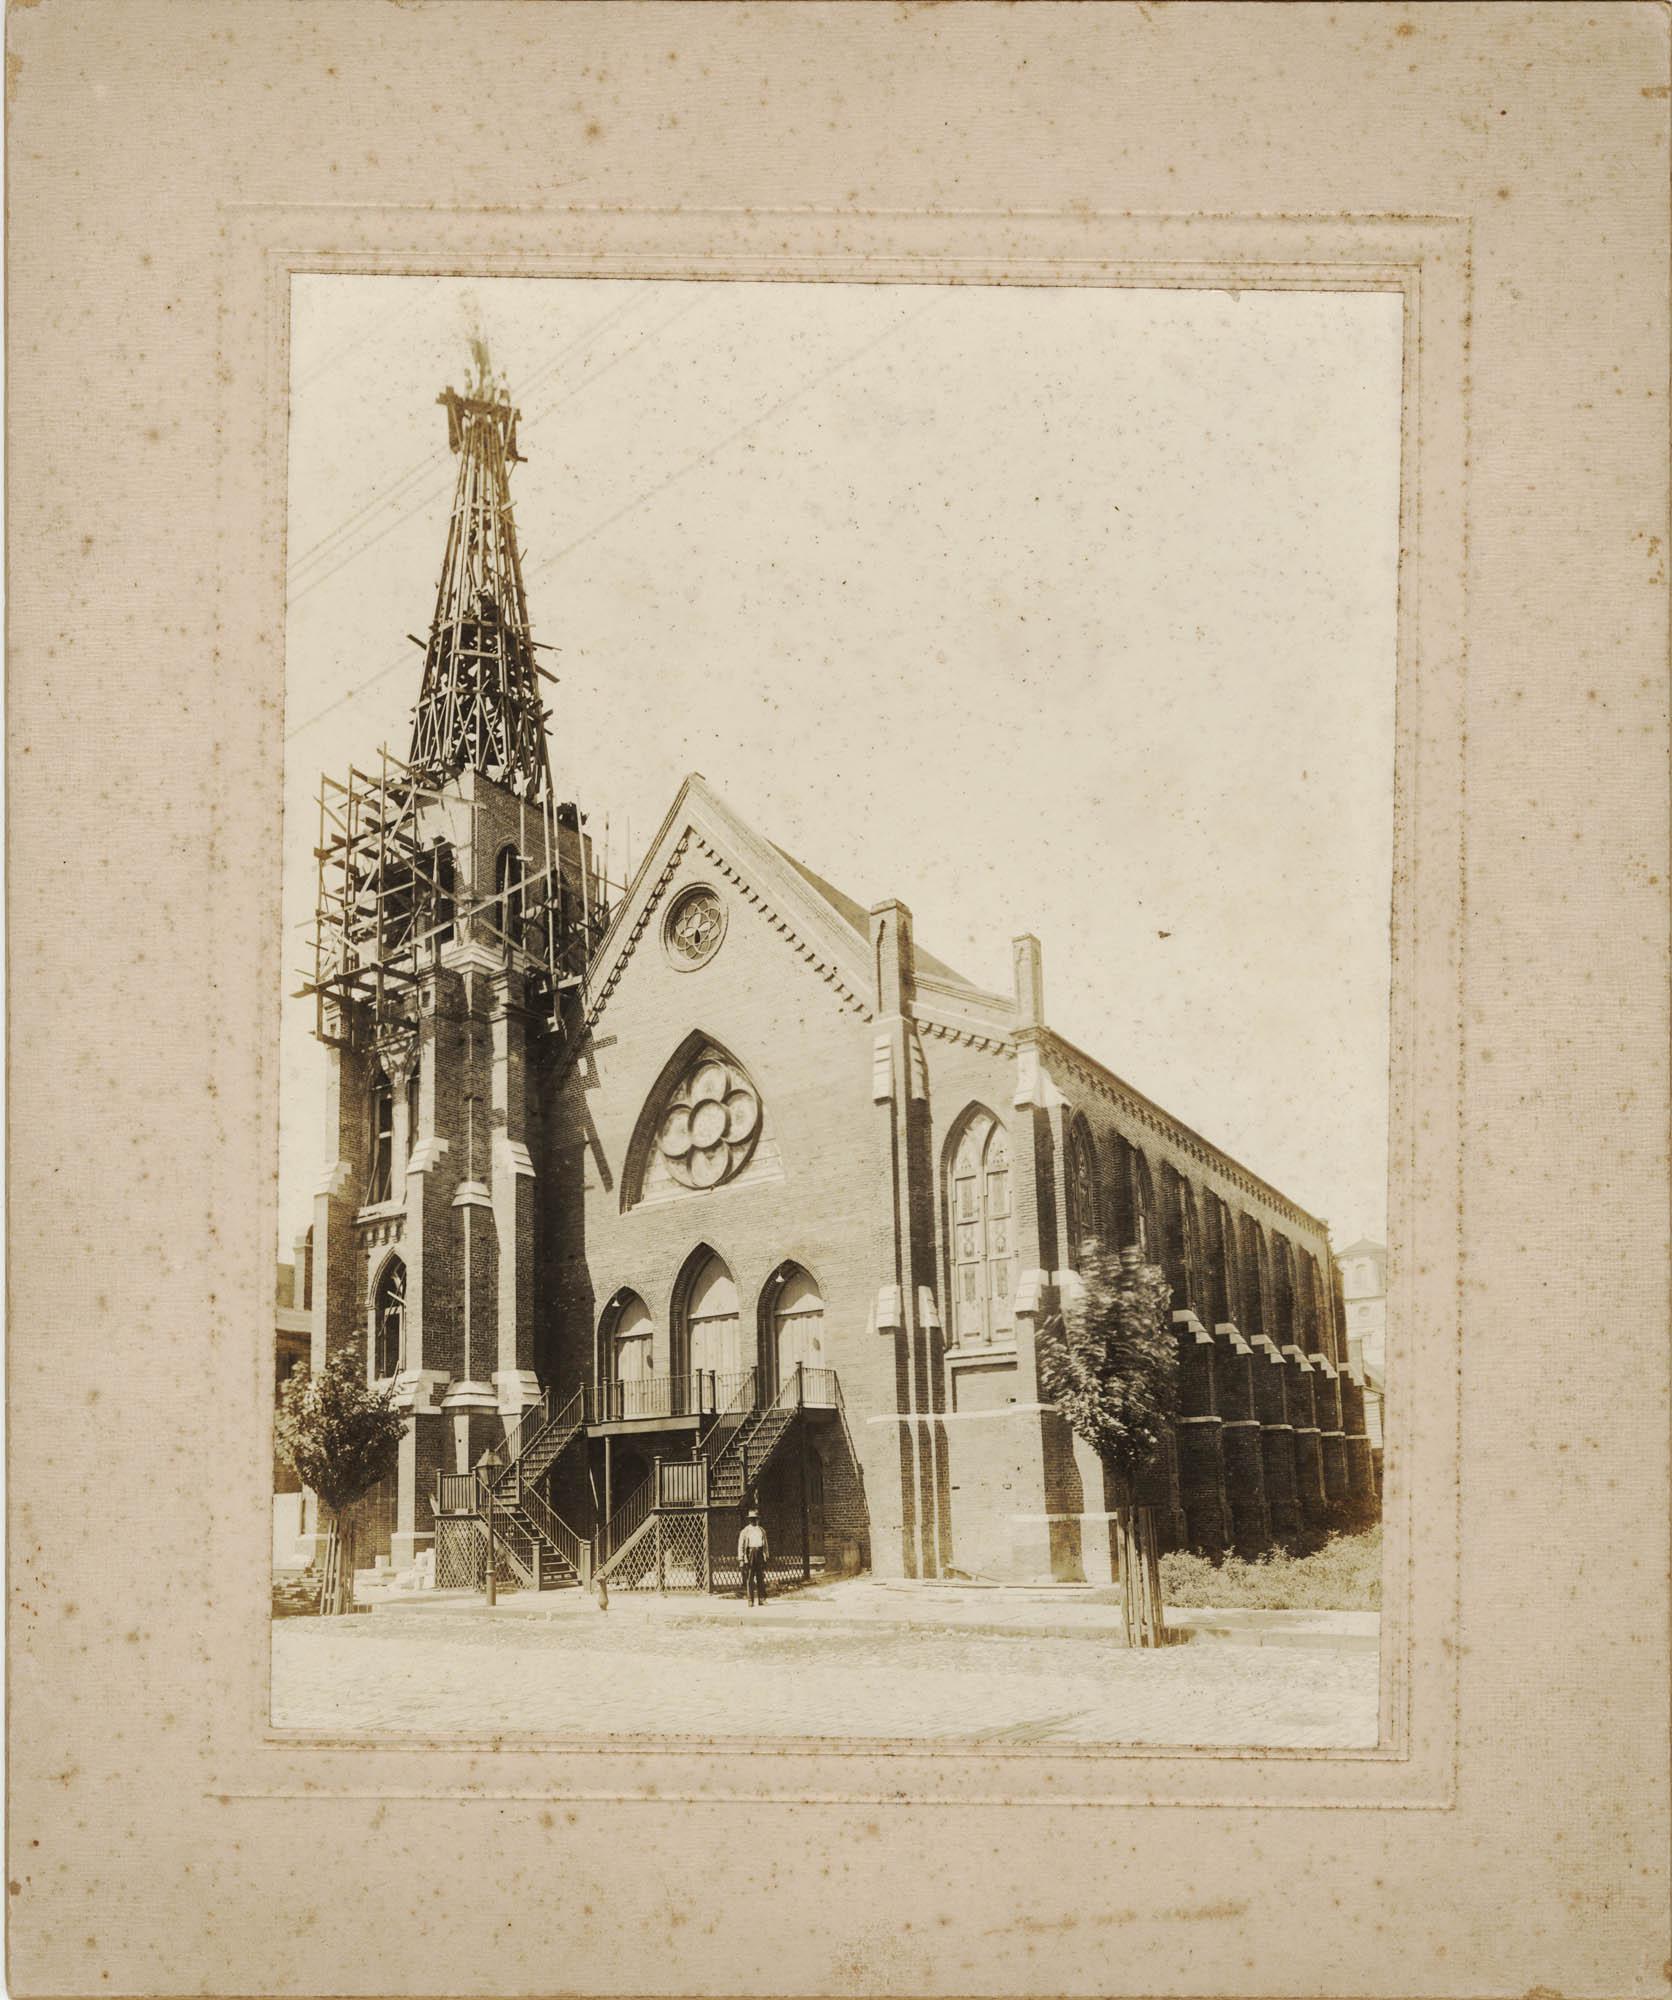 Emanuel A.M.E. Church Under Repair